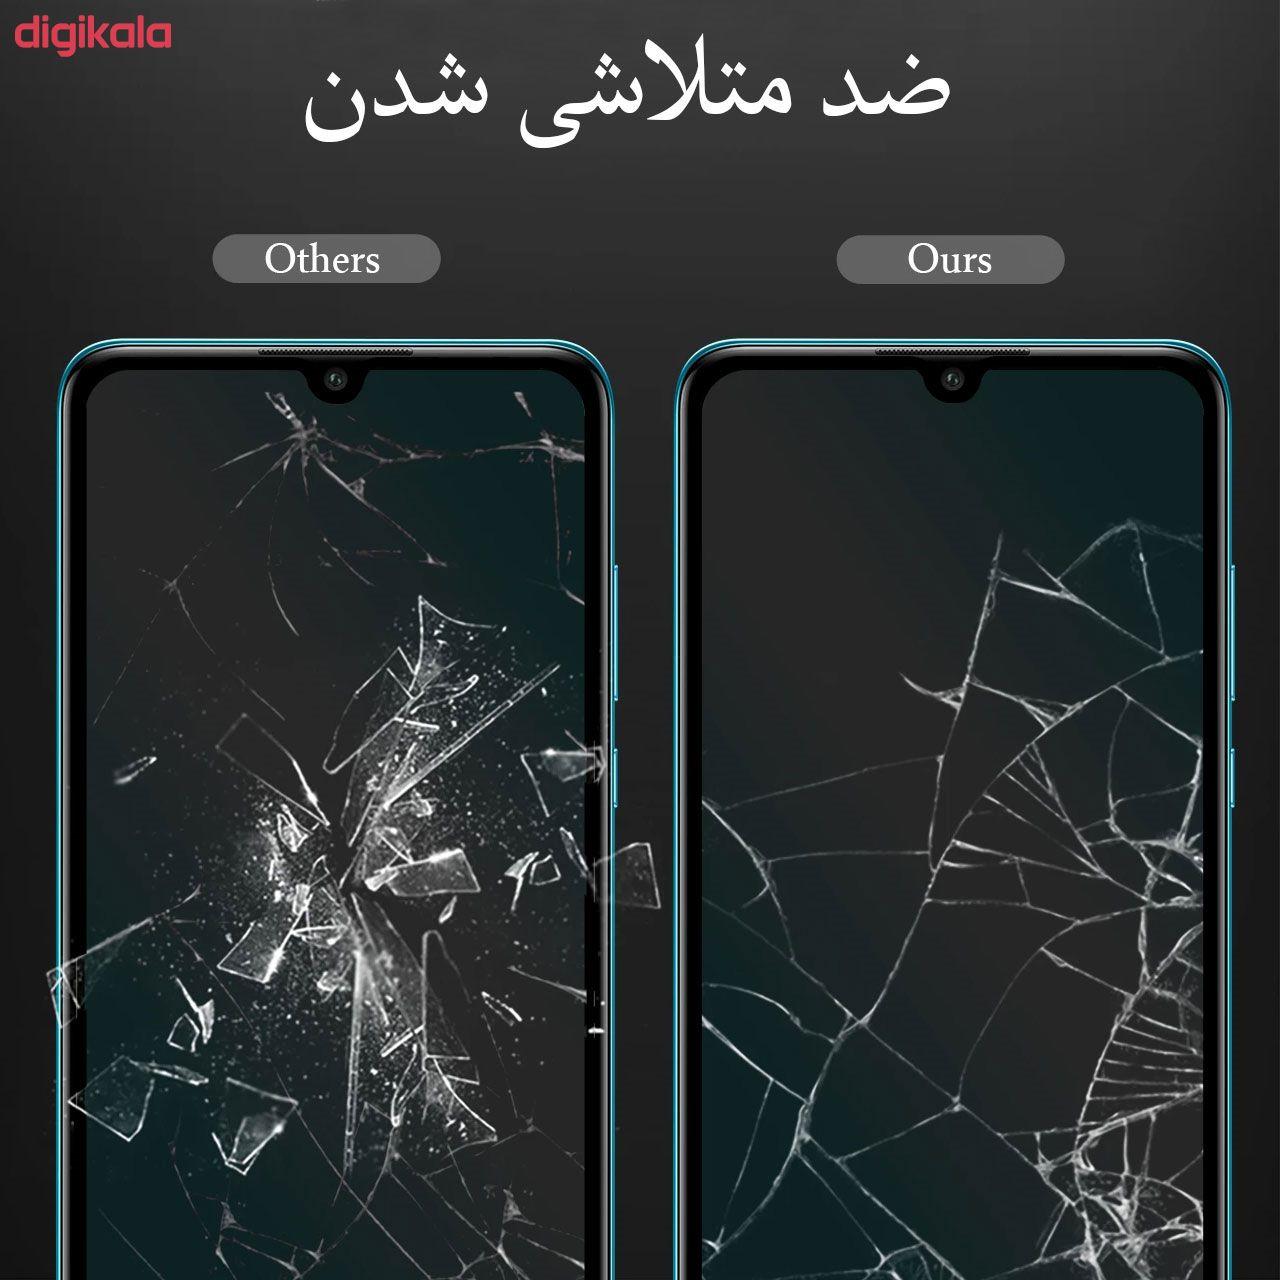 محافظ صفحه نمایش مدل FCG مناسب برای گوشی موبایل سامسونگ Galaxy A12 main 1 5